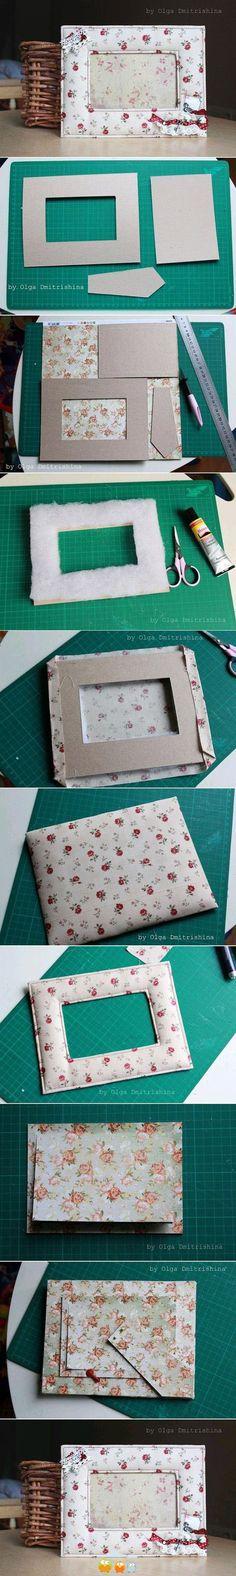 DIY Nice Soft Photo Frame